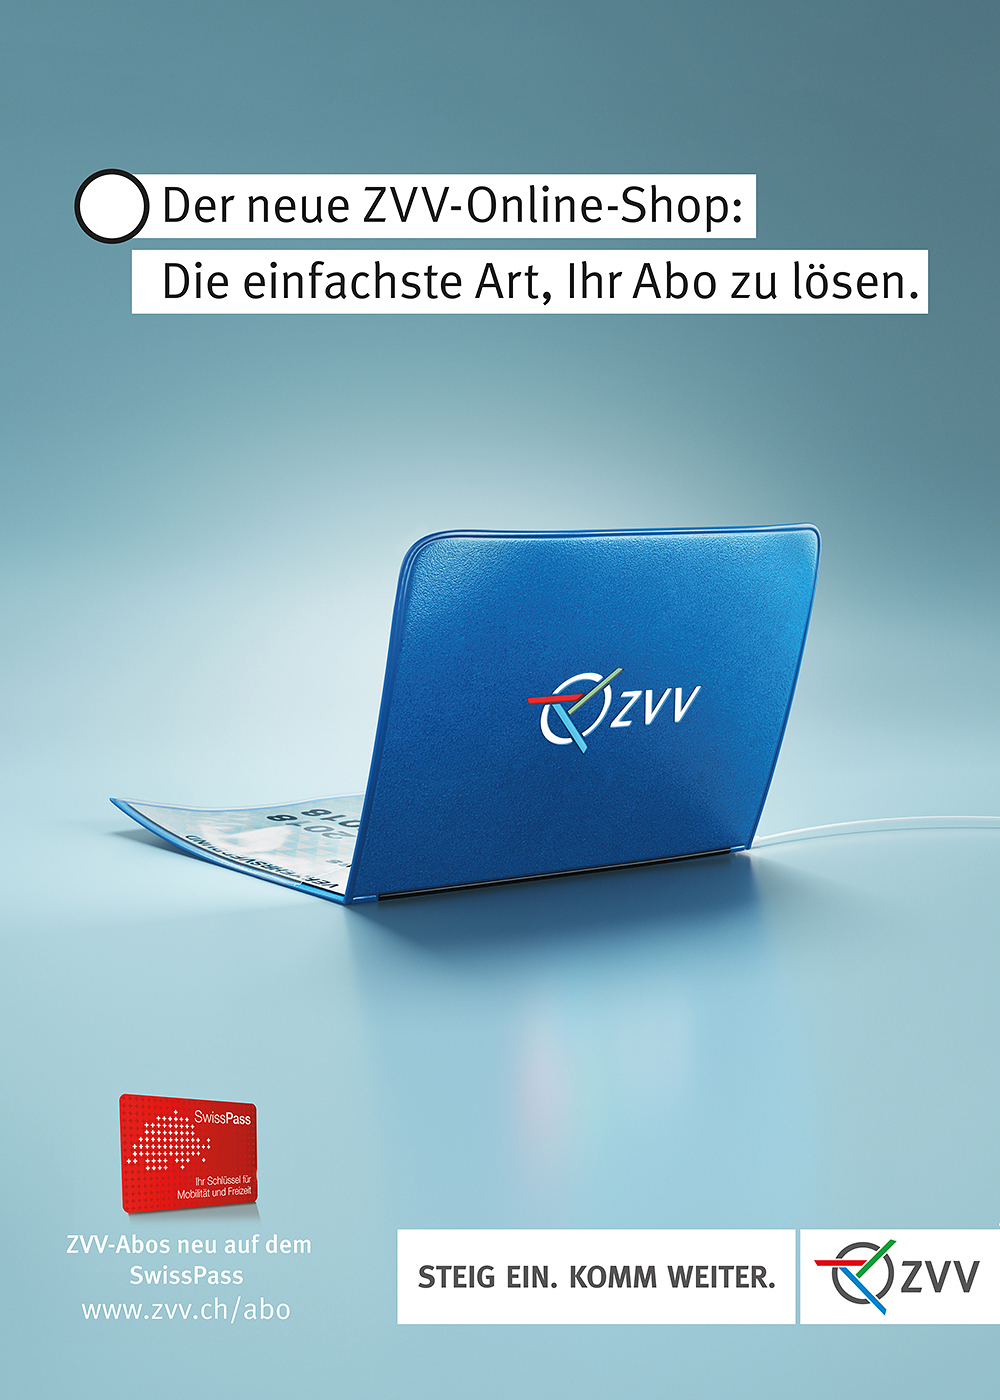 ZVV_Abo im Online-Shop